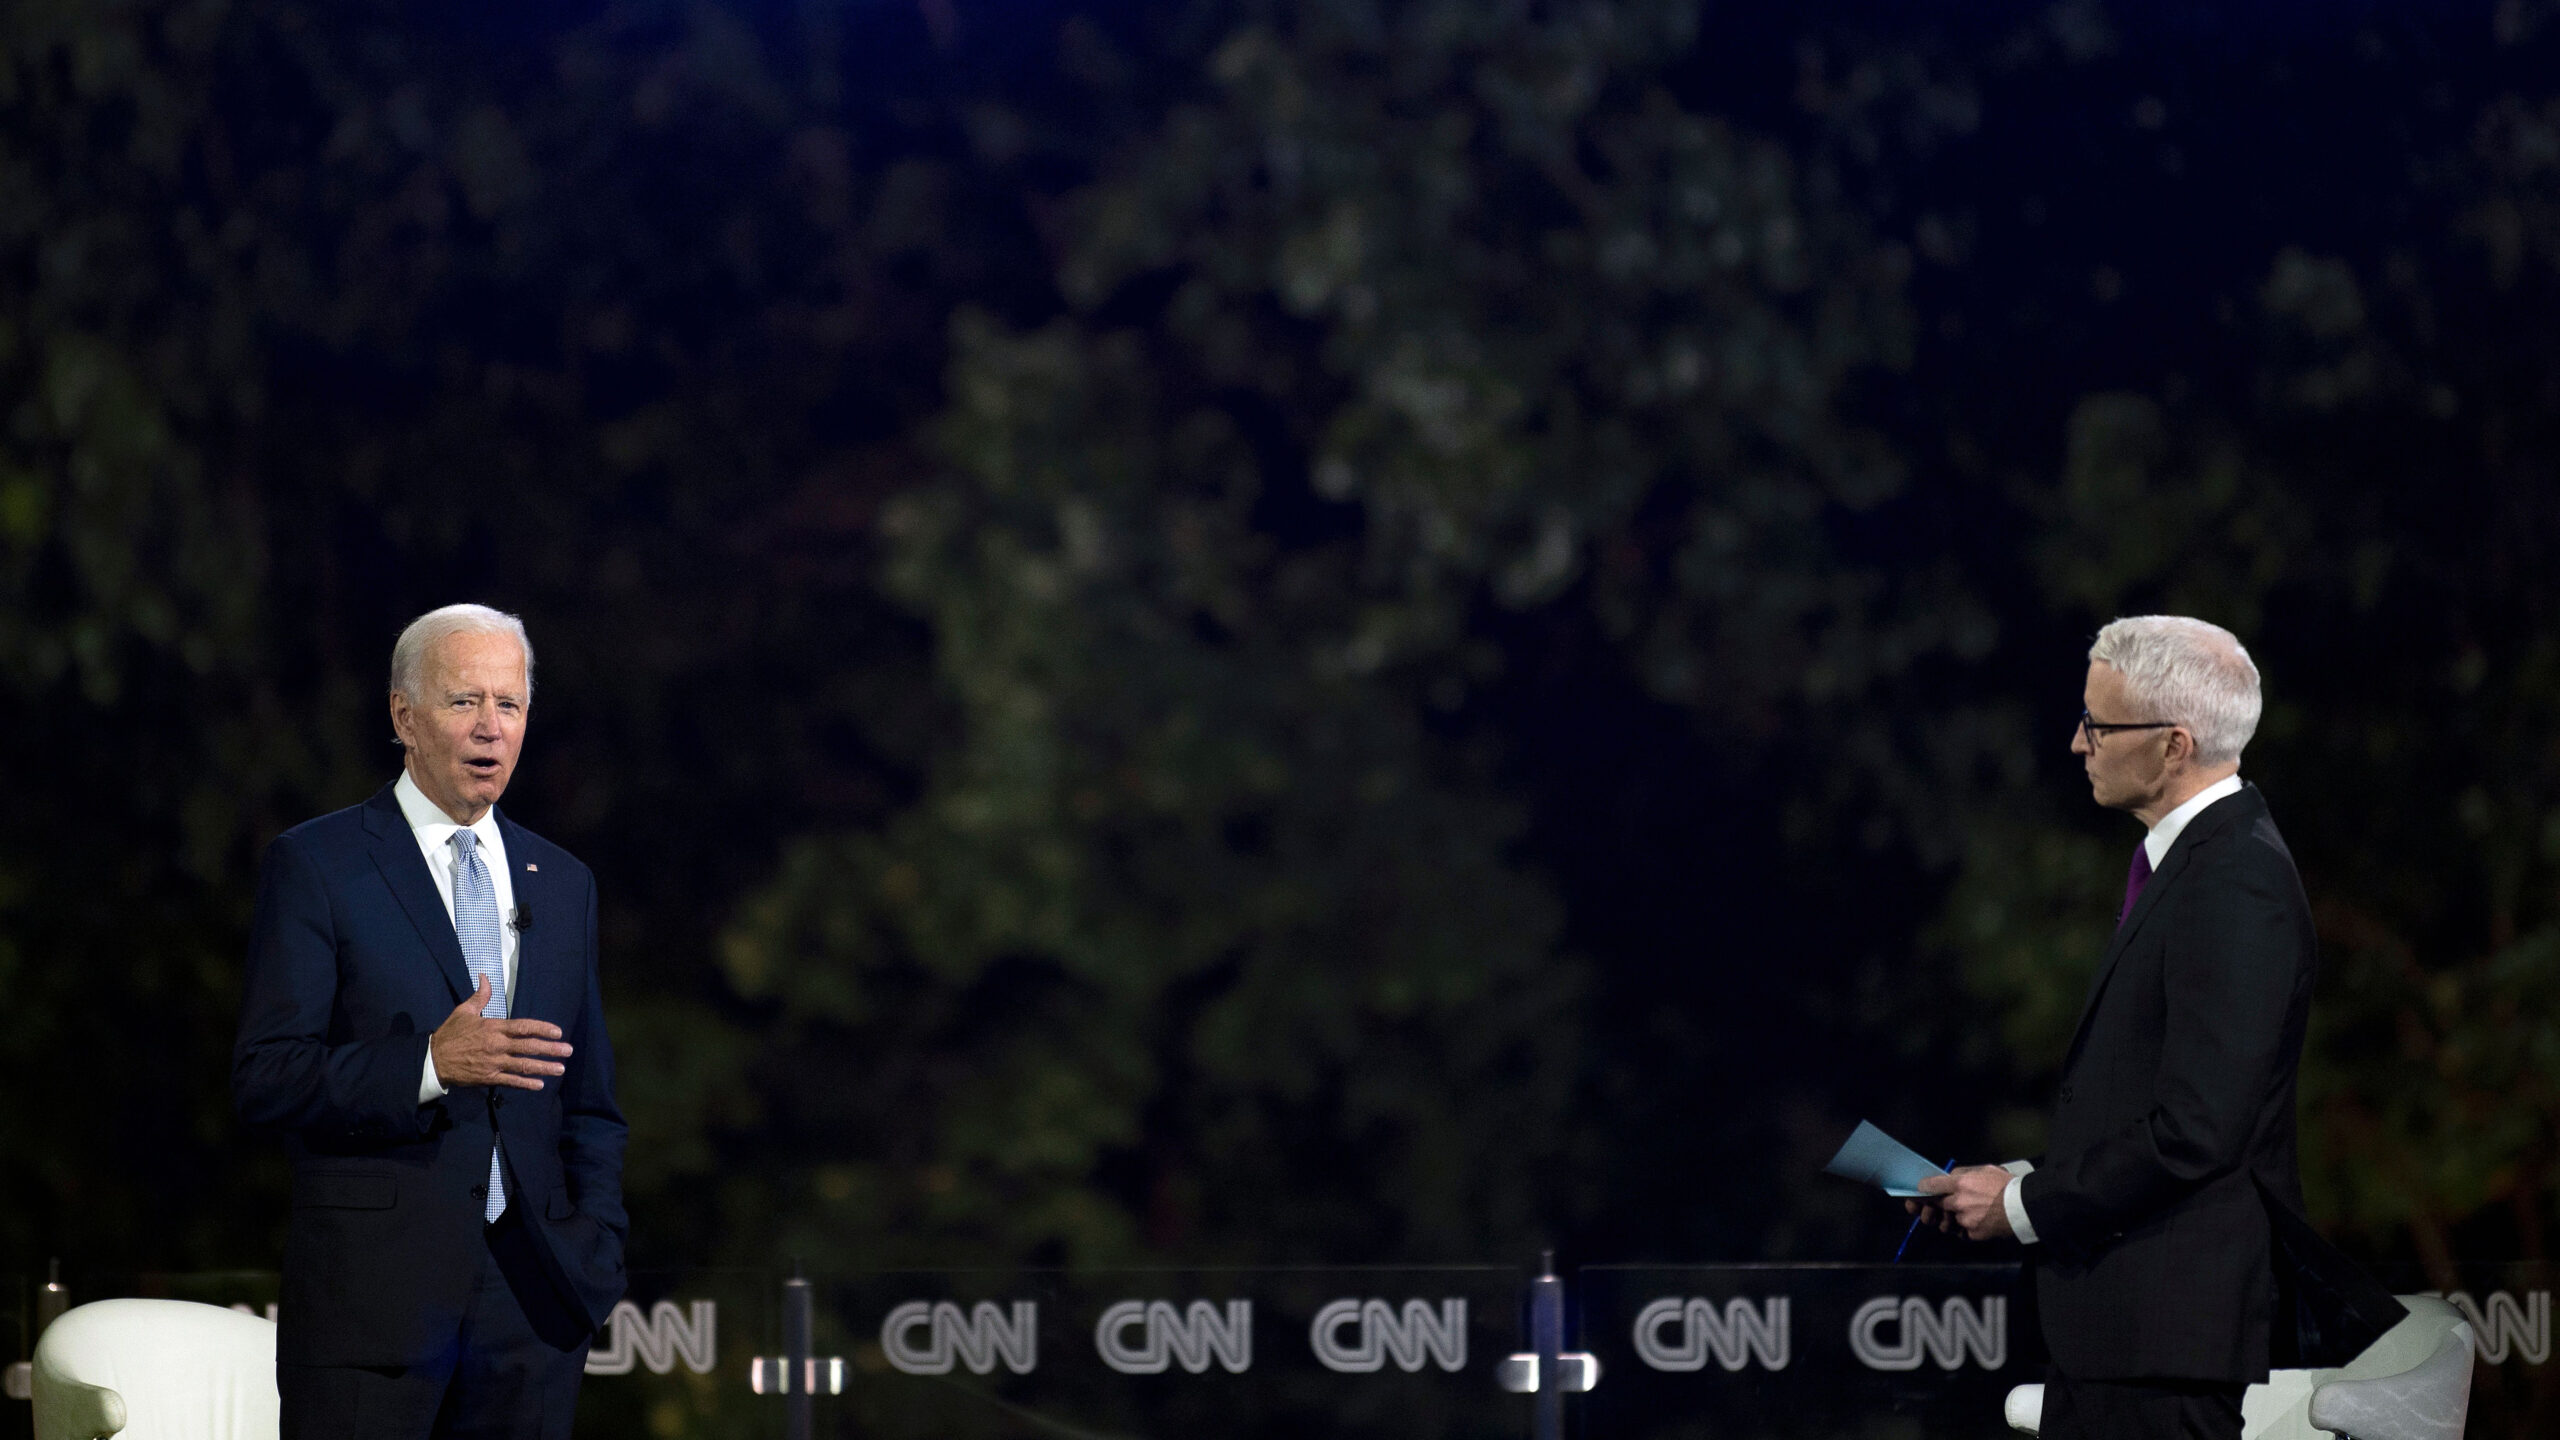 Ứng cử viên tổng thống đảng Dân chủ Joe Biden (trái) phát biểu cùng với nhà báo Anderson Cooper, trong cuộc họp tại Tòa thị chính ở Scranton, Pennsylvania, vào ngày 17 tháng 9 năm 2020. JIM WATSON / AFP qua Getty Images